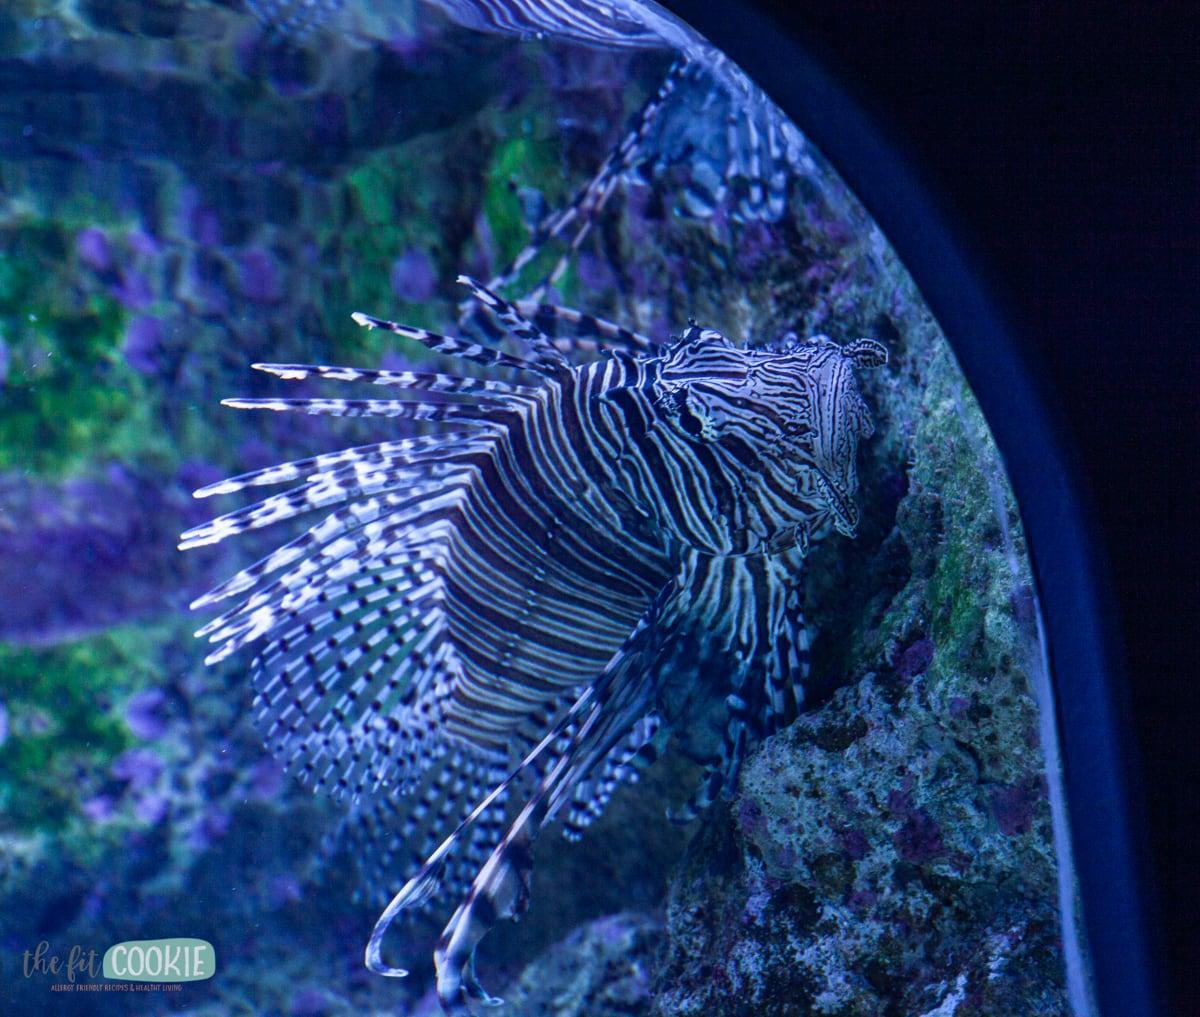 lionfish in aquarium tank